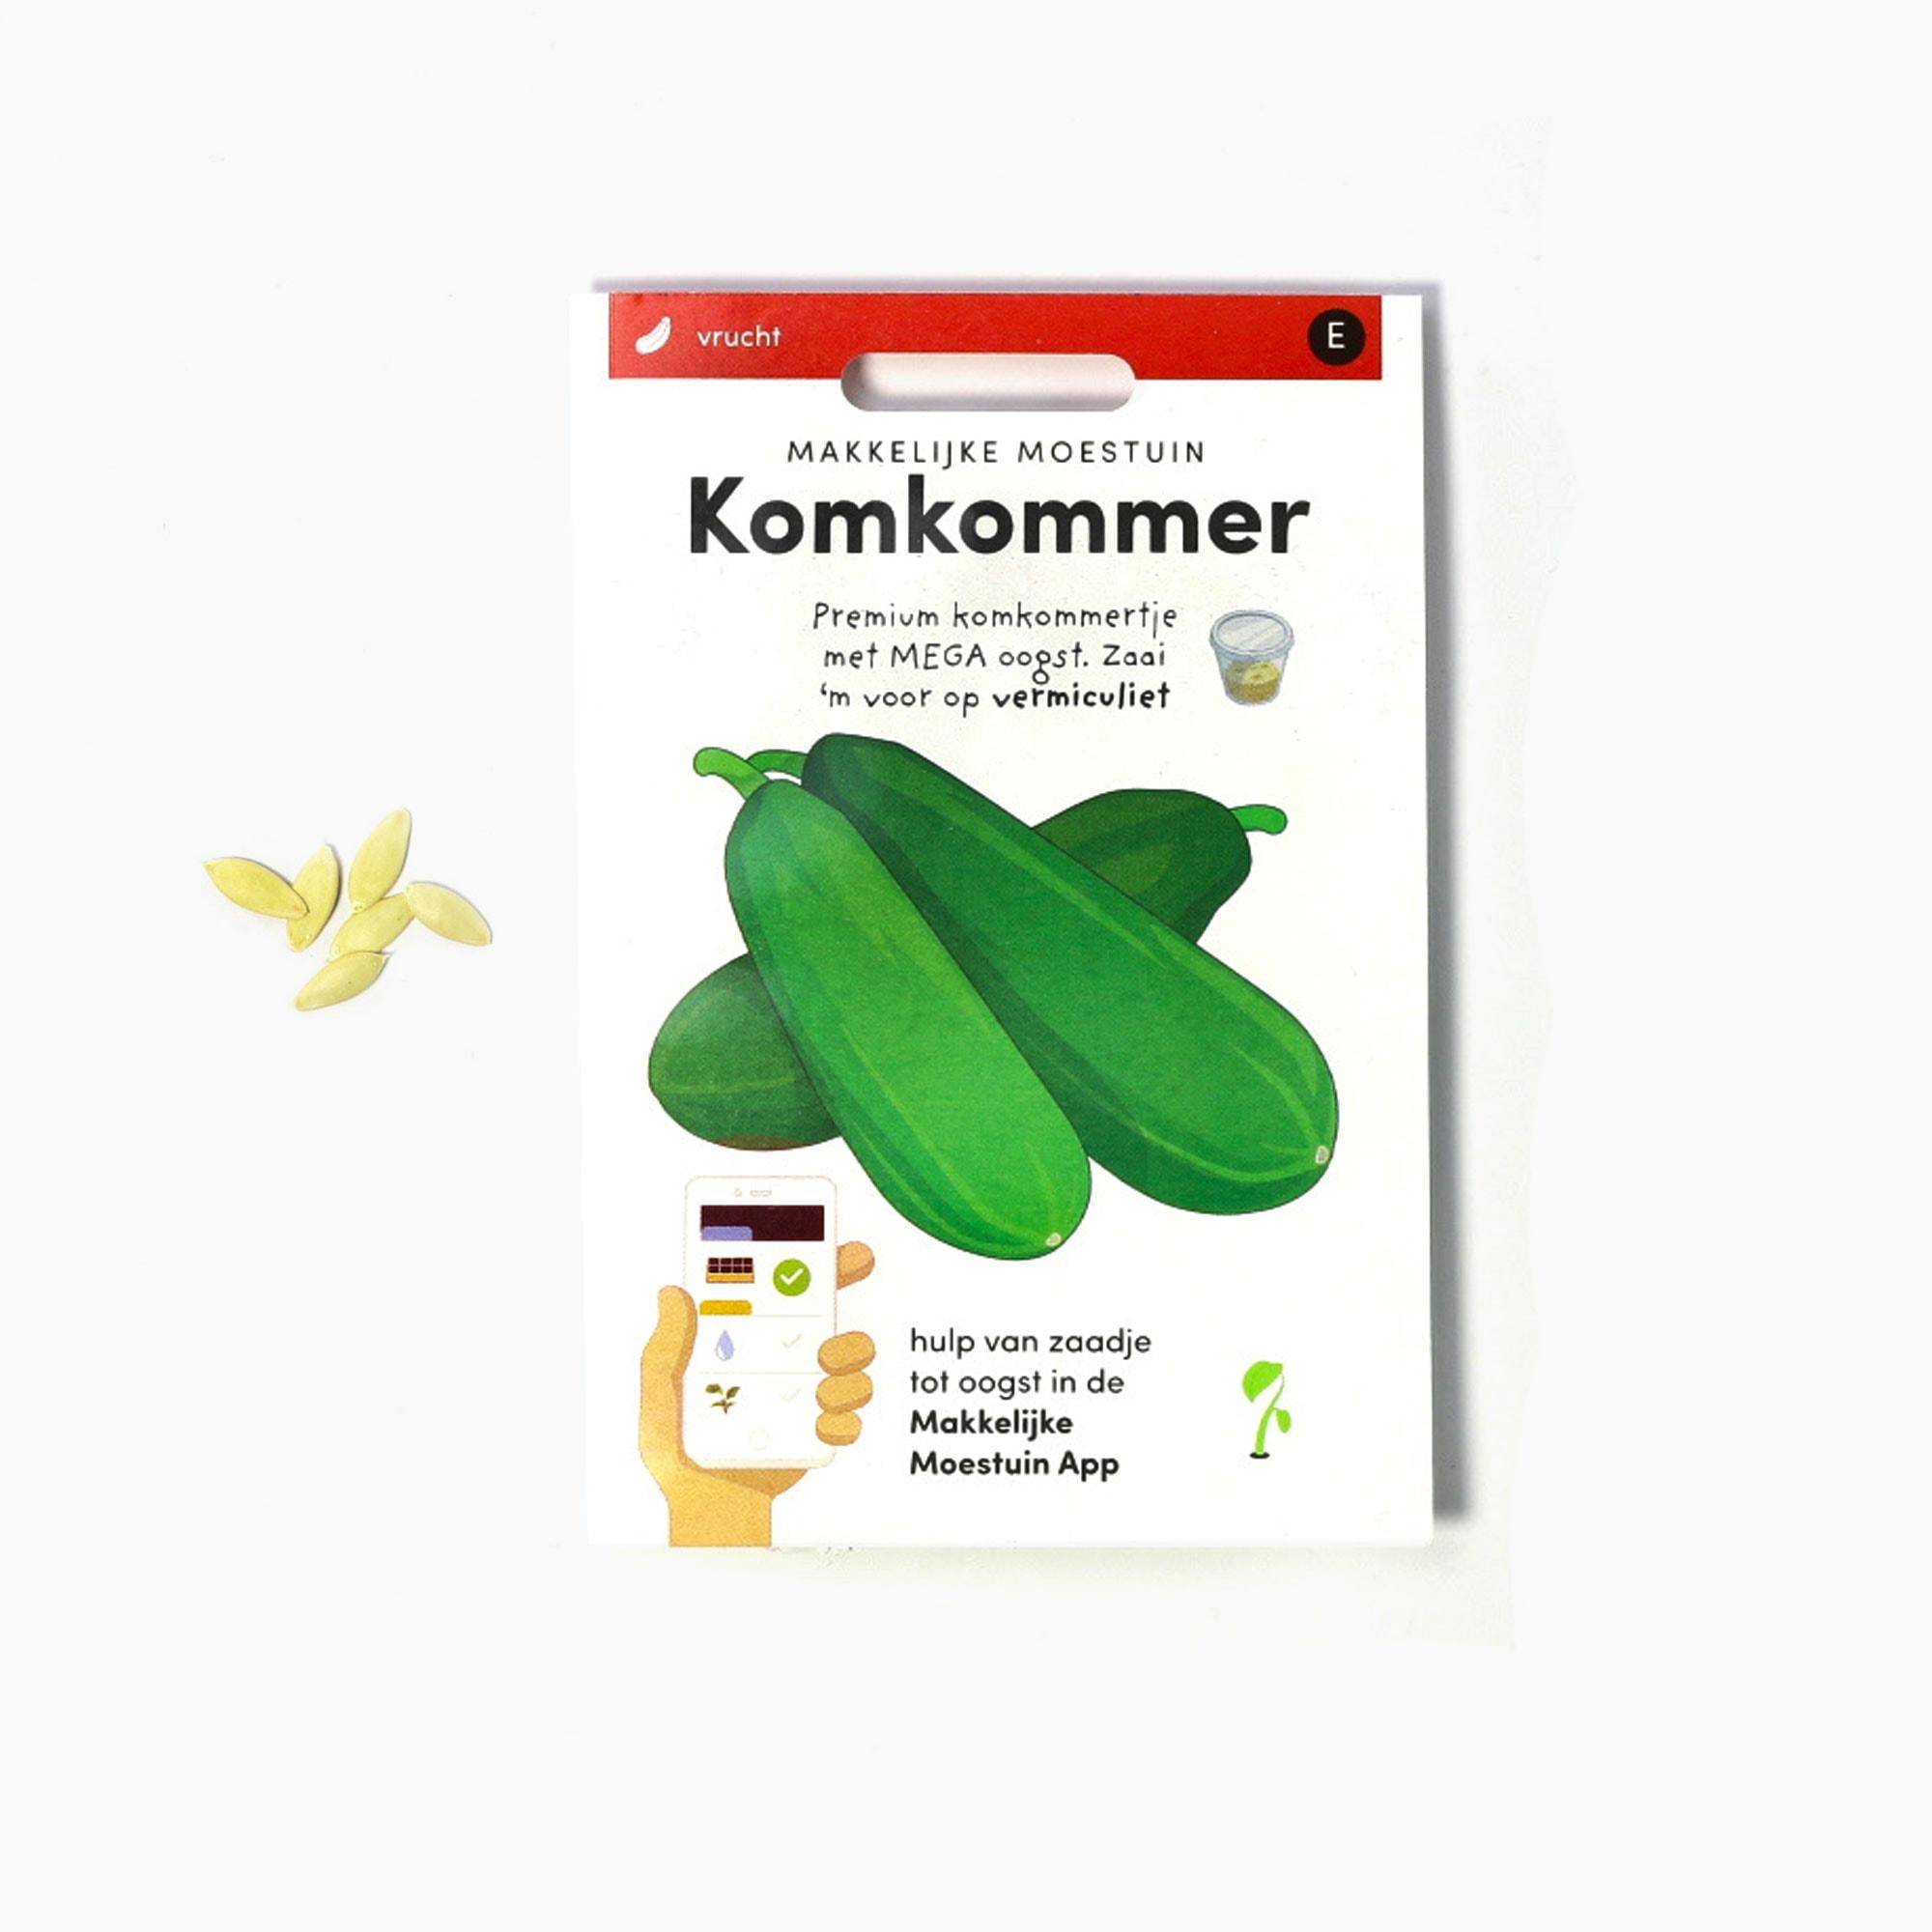 Komkommer-(1).jpg